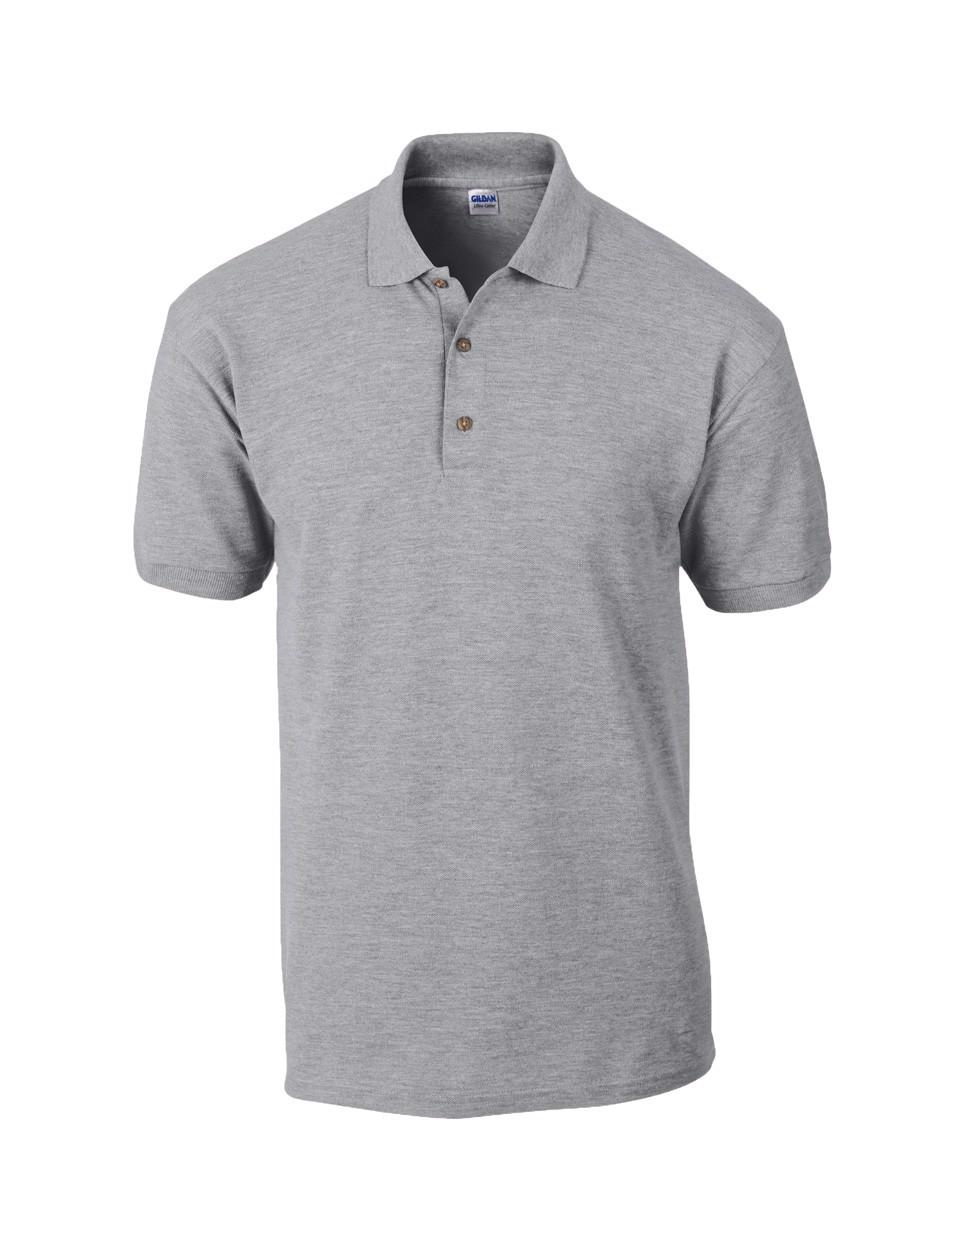 Pique Polo Shirt Ultra Cotton - Grey / XL